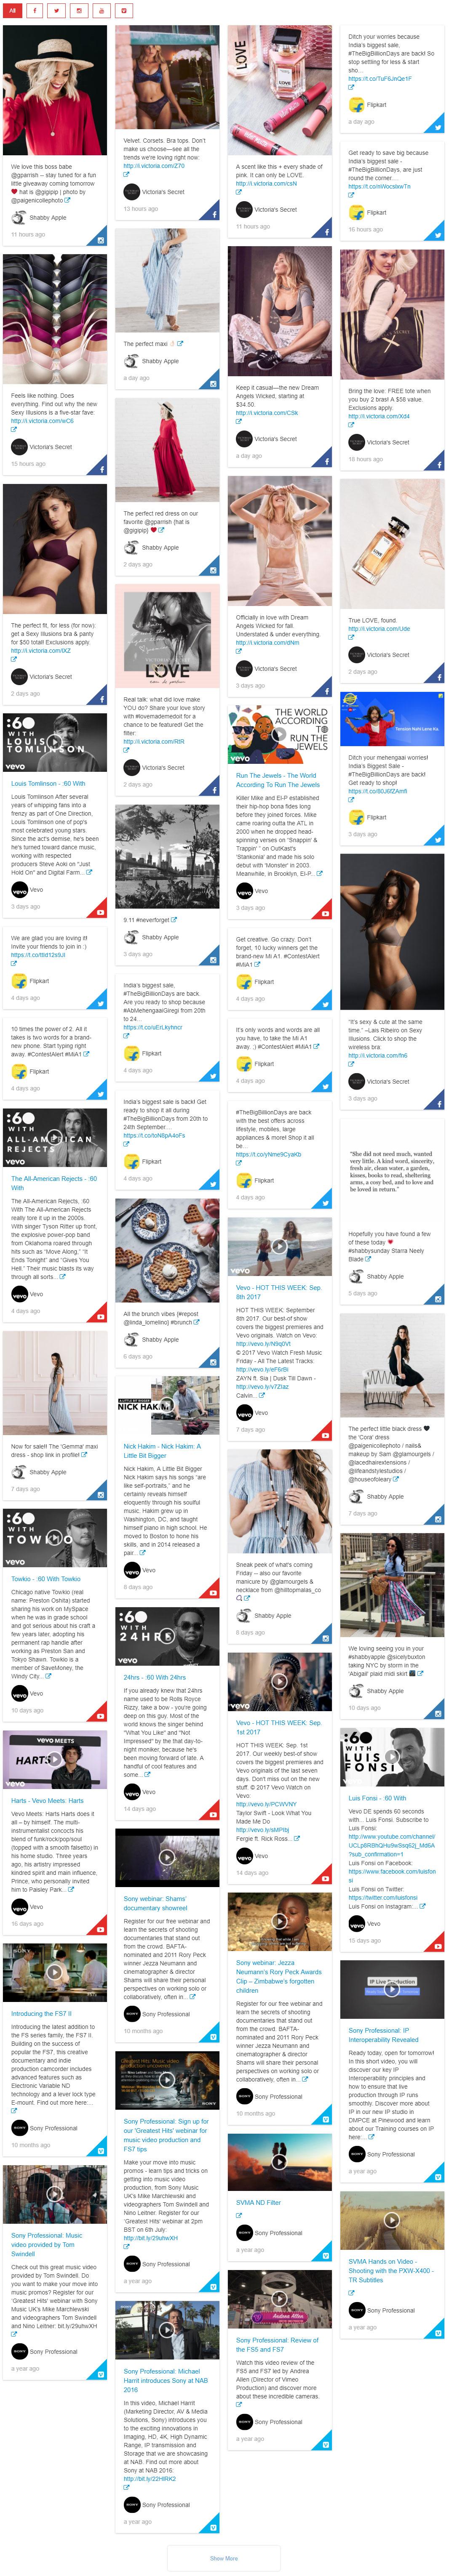 Social Streams - visual composer